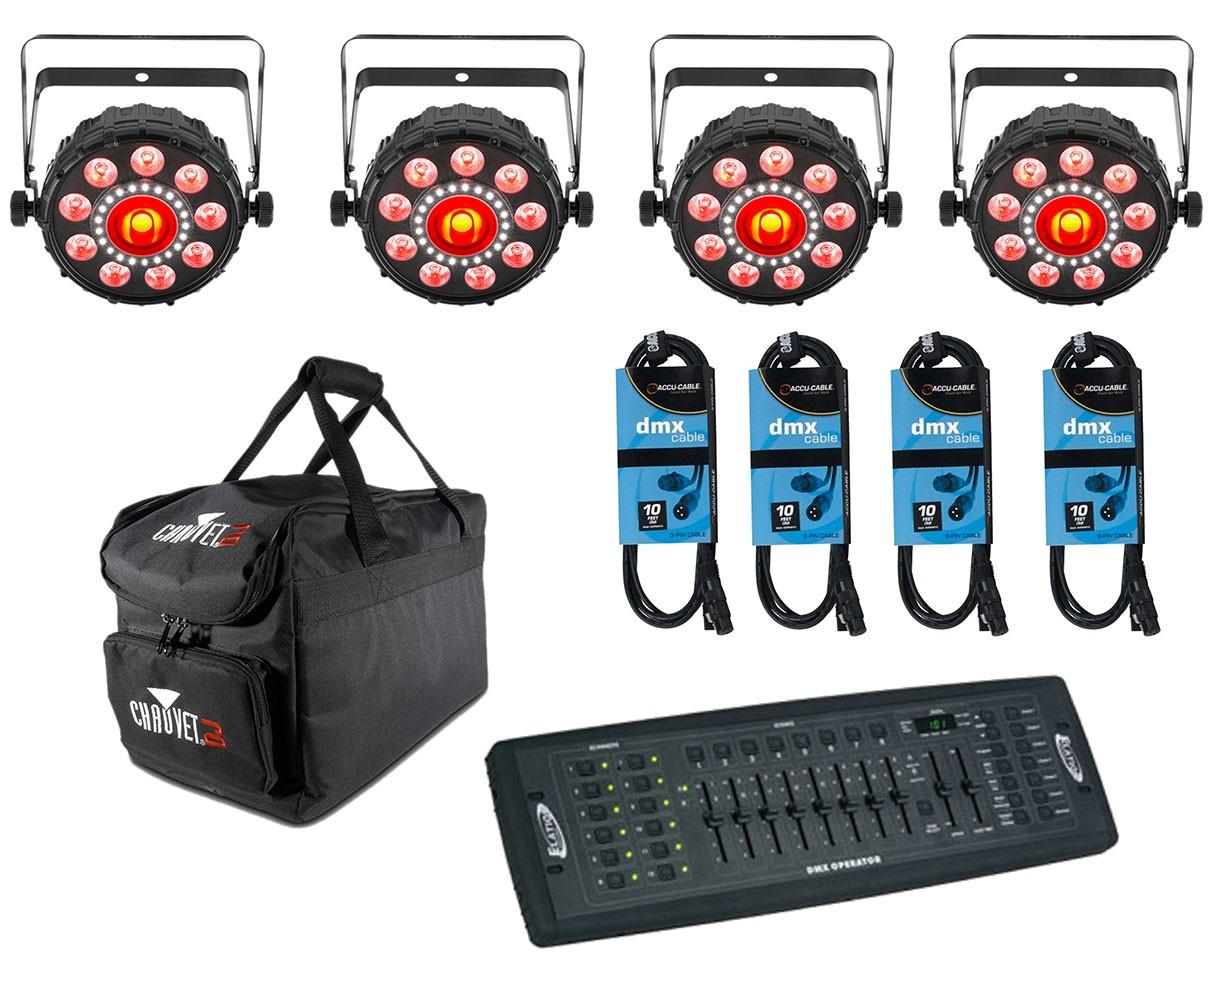 4x Chauvet FXpar 9 + Controller + Cables + Bag